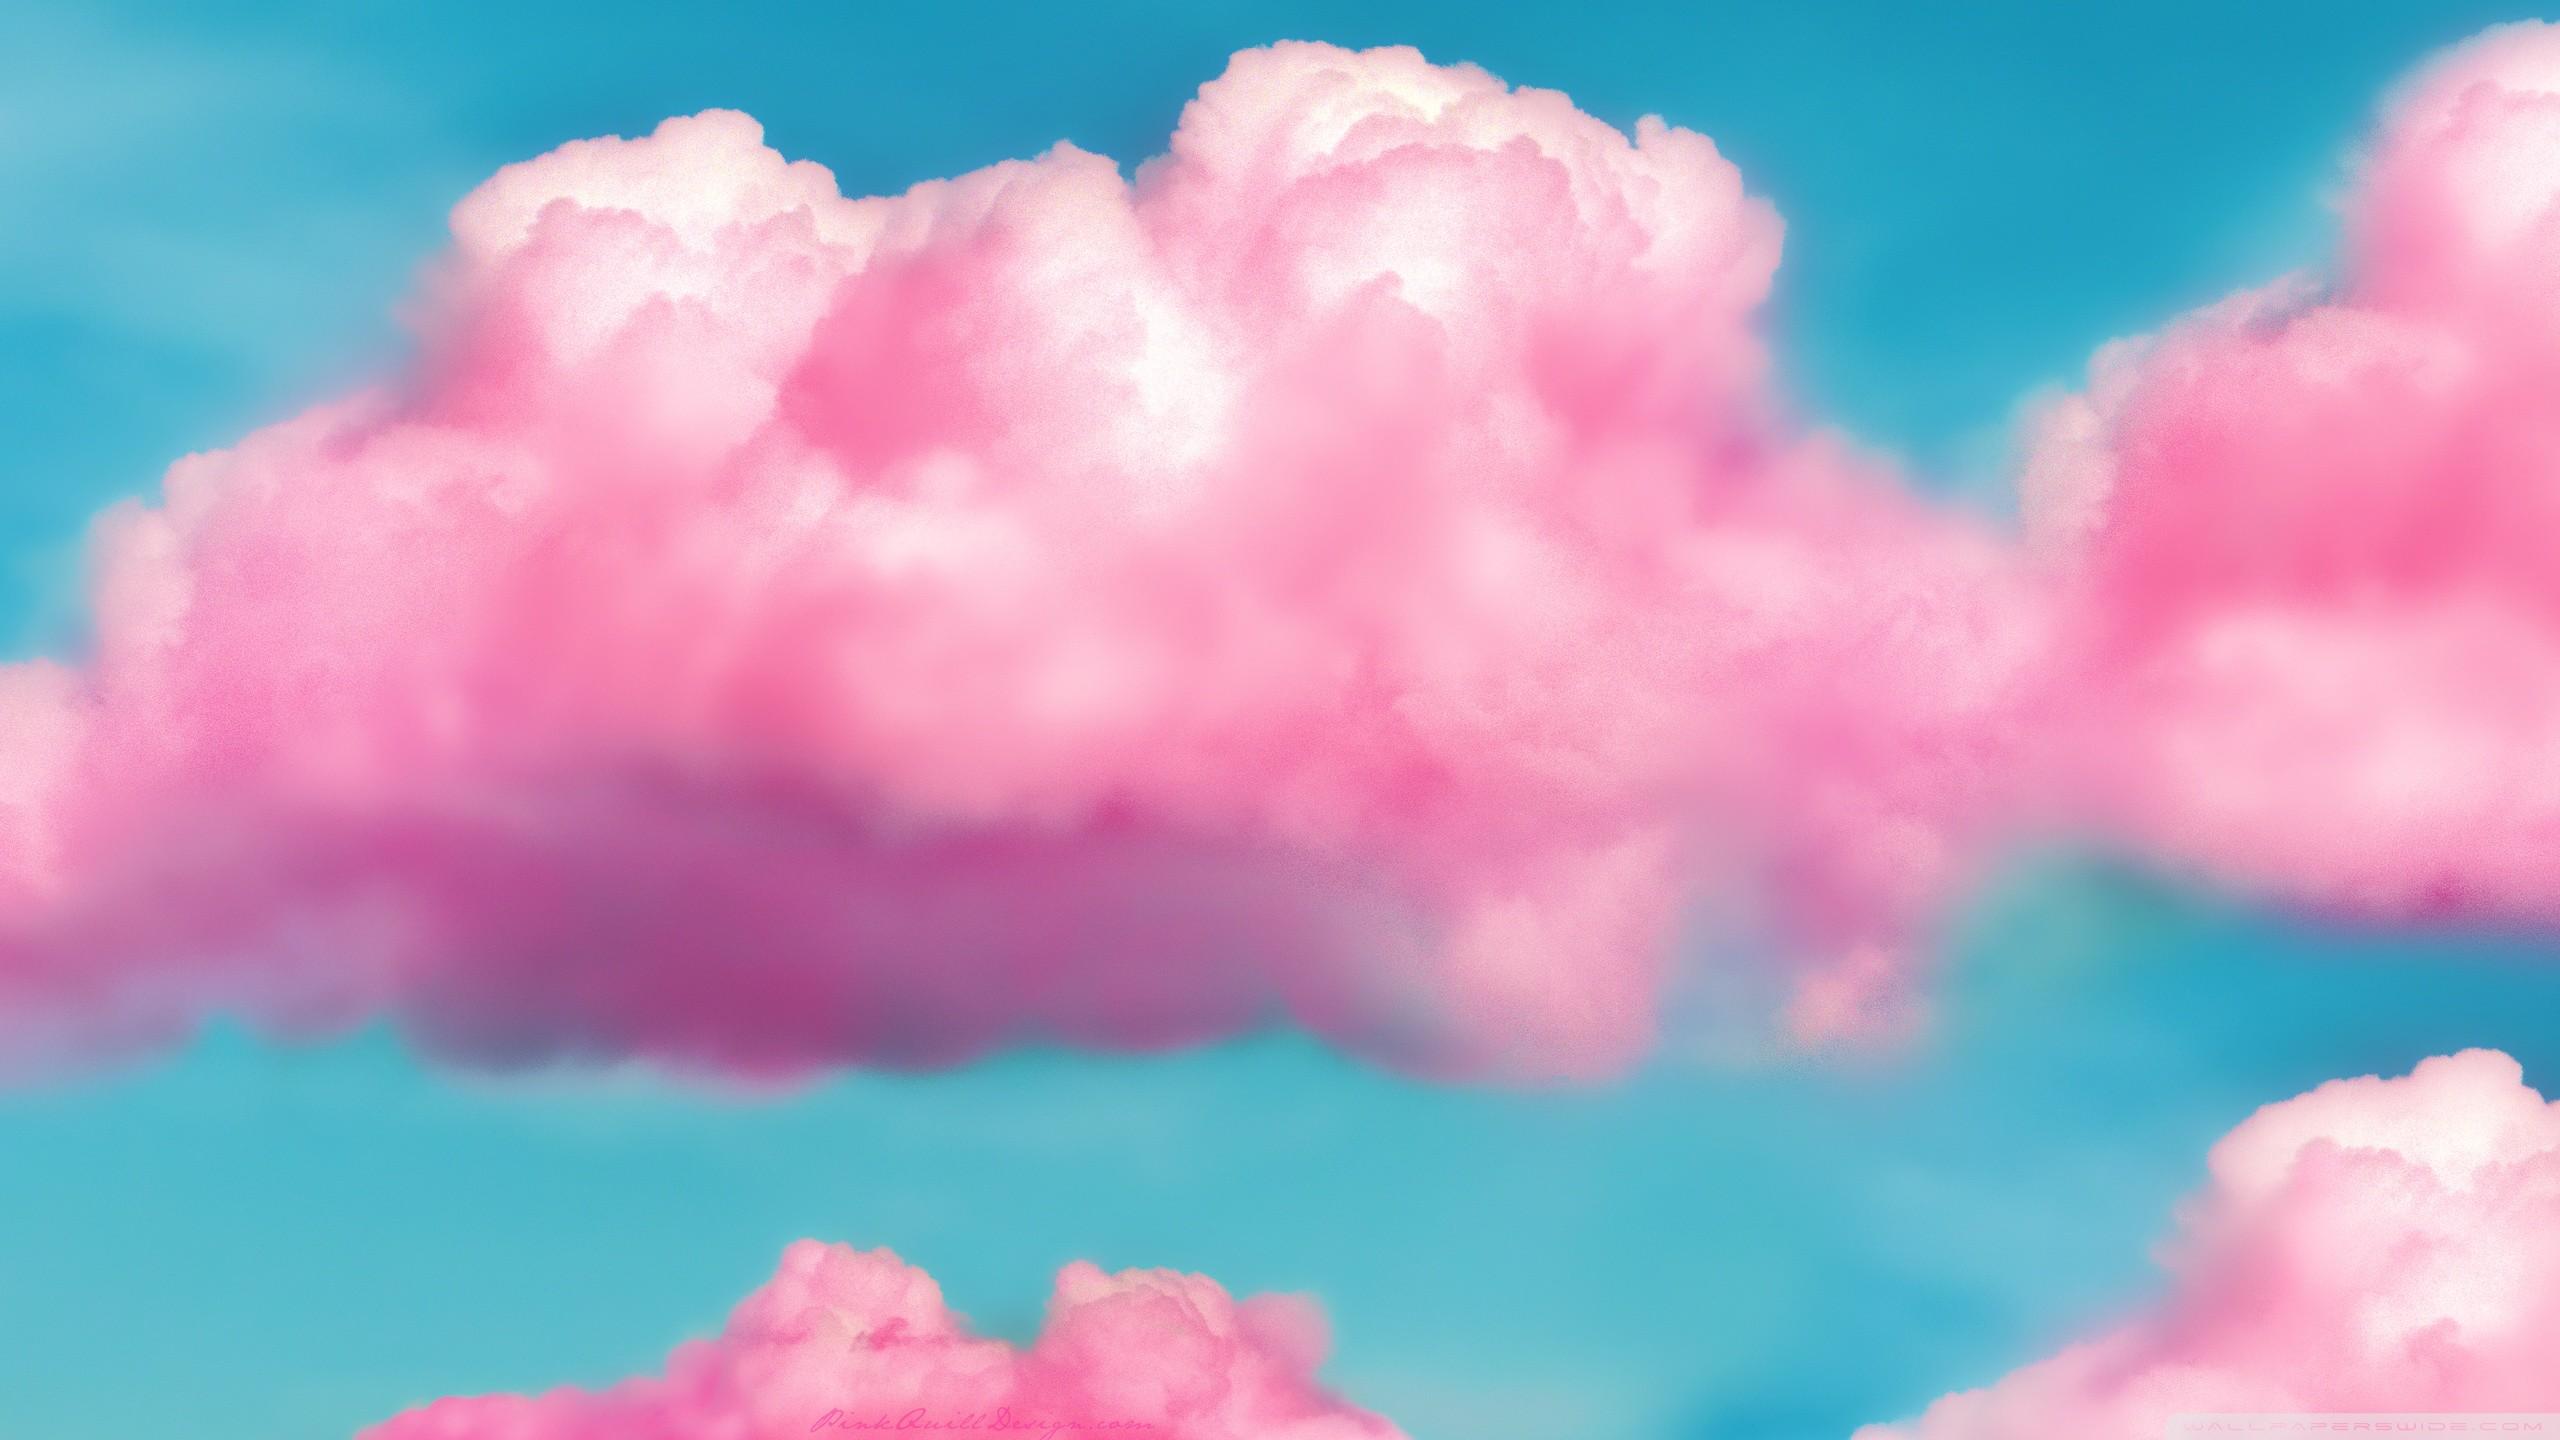 … pink fluffy clouds hd desktop wallpaper widescreen high …